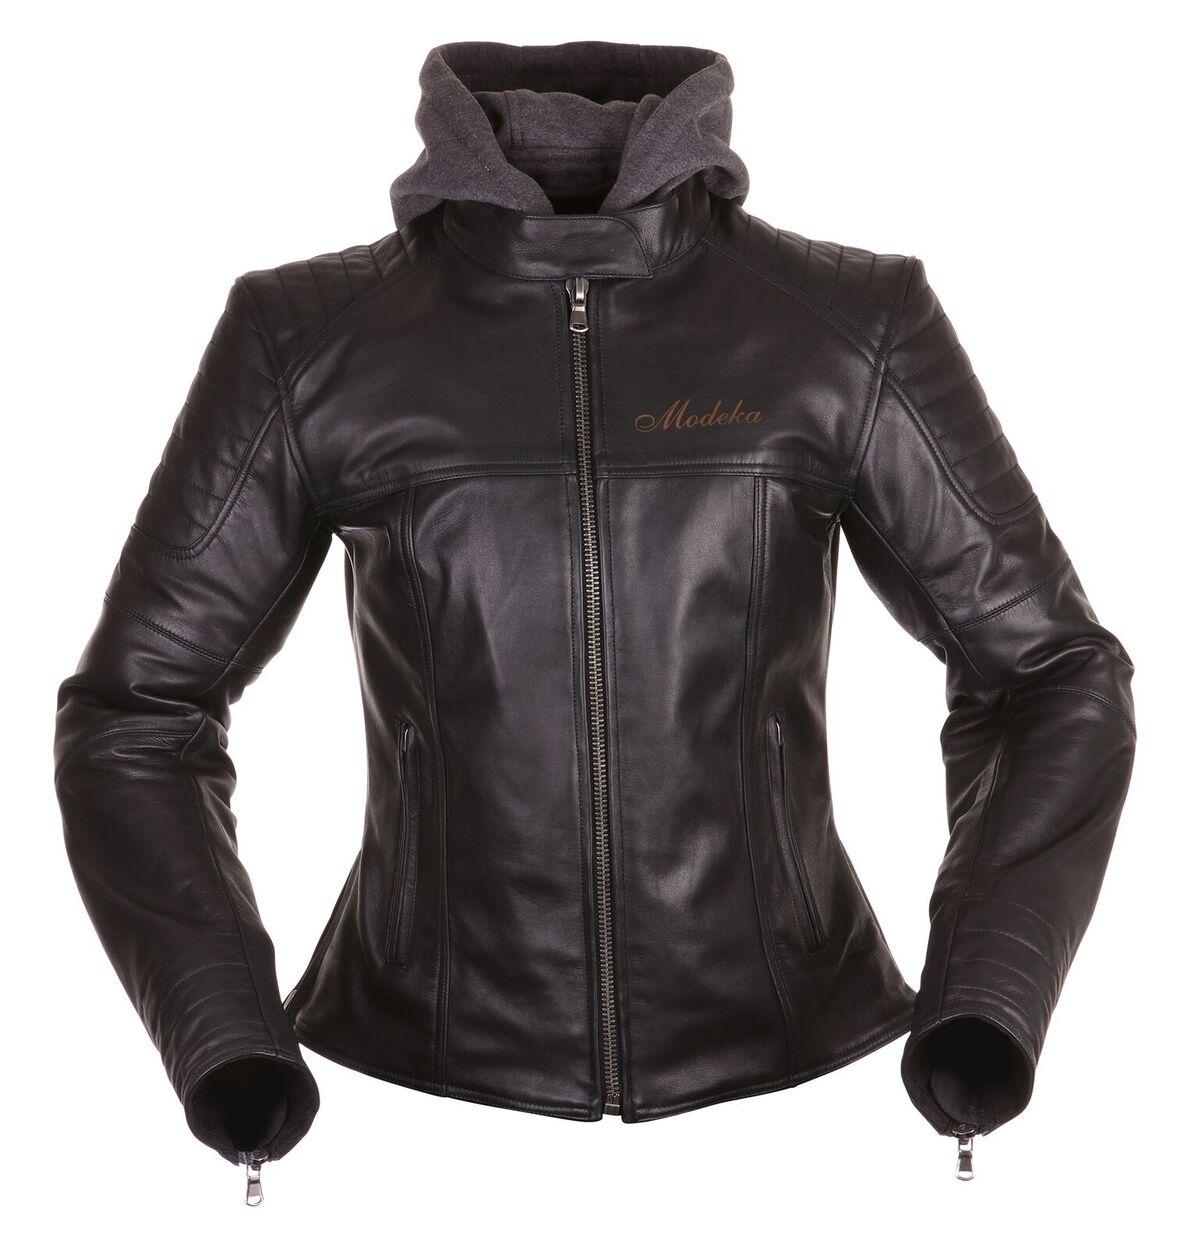 8370afa325 SVEBU Motorradbekleidung | Motorradstiefel | Motorradbekleidung ...